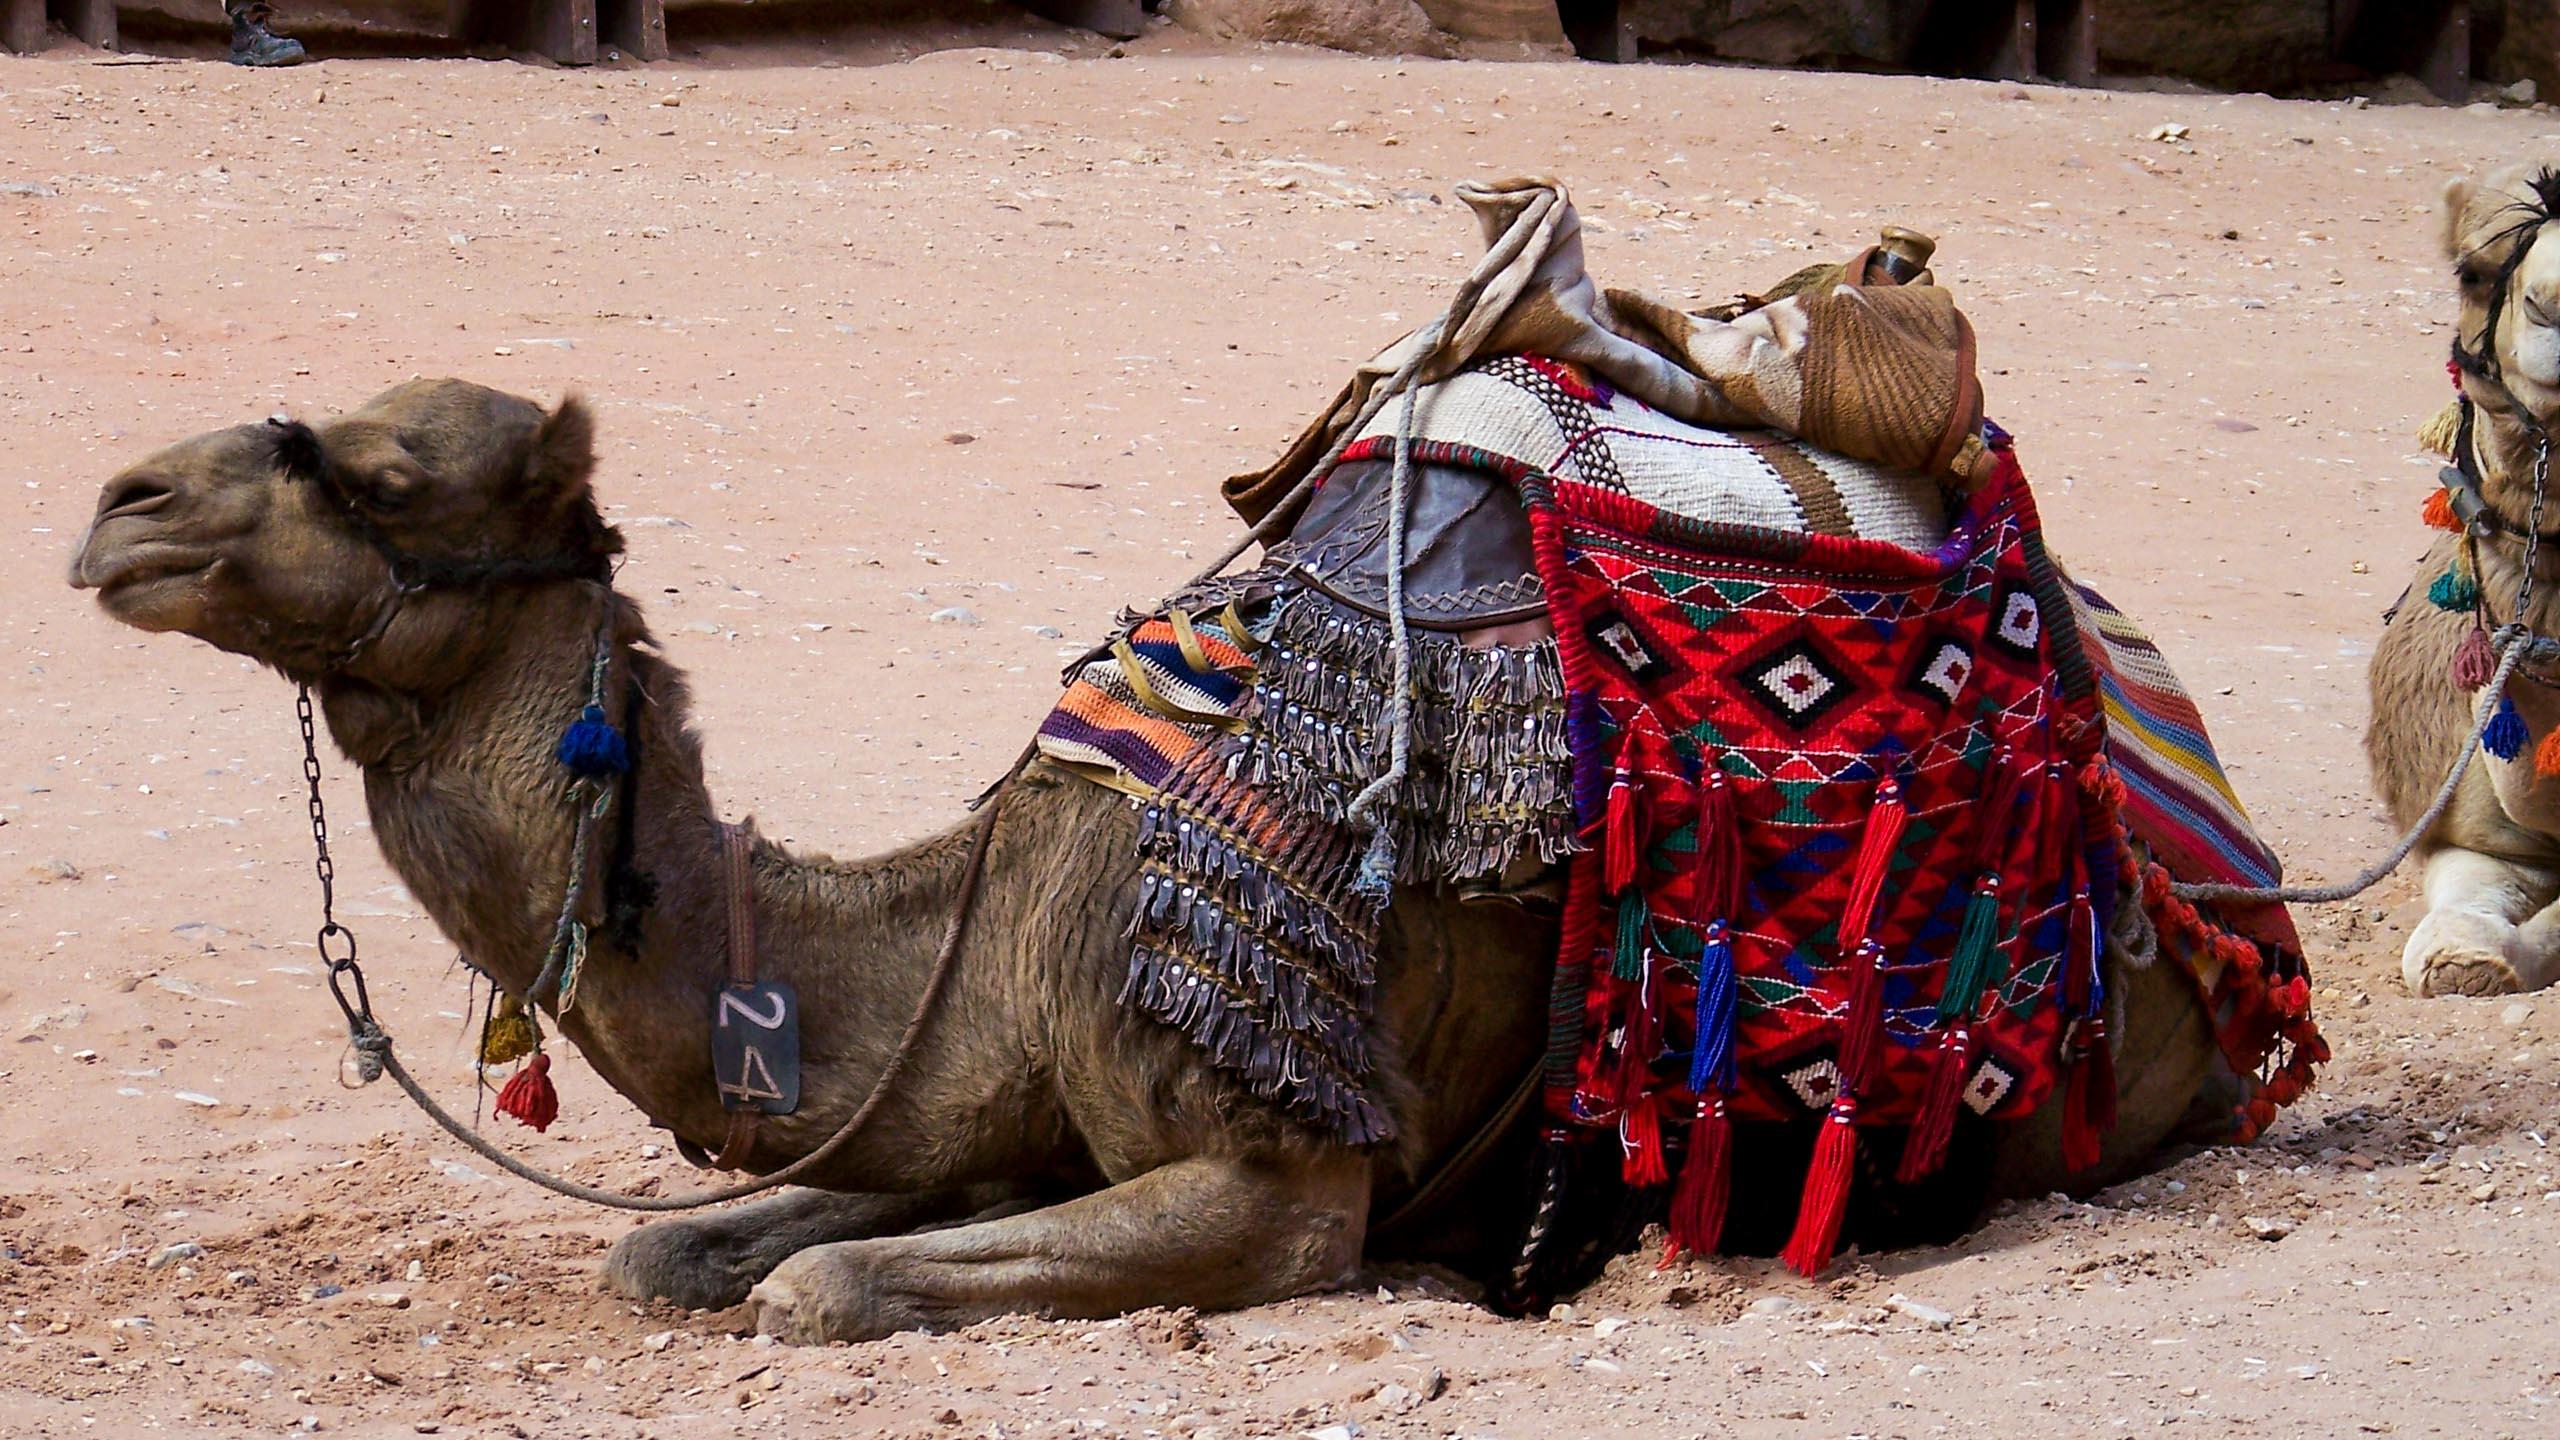 Camel resting in Jordan desert